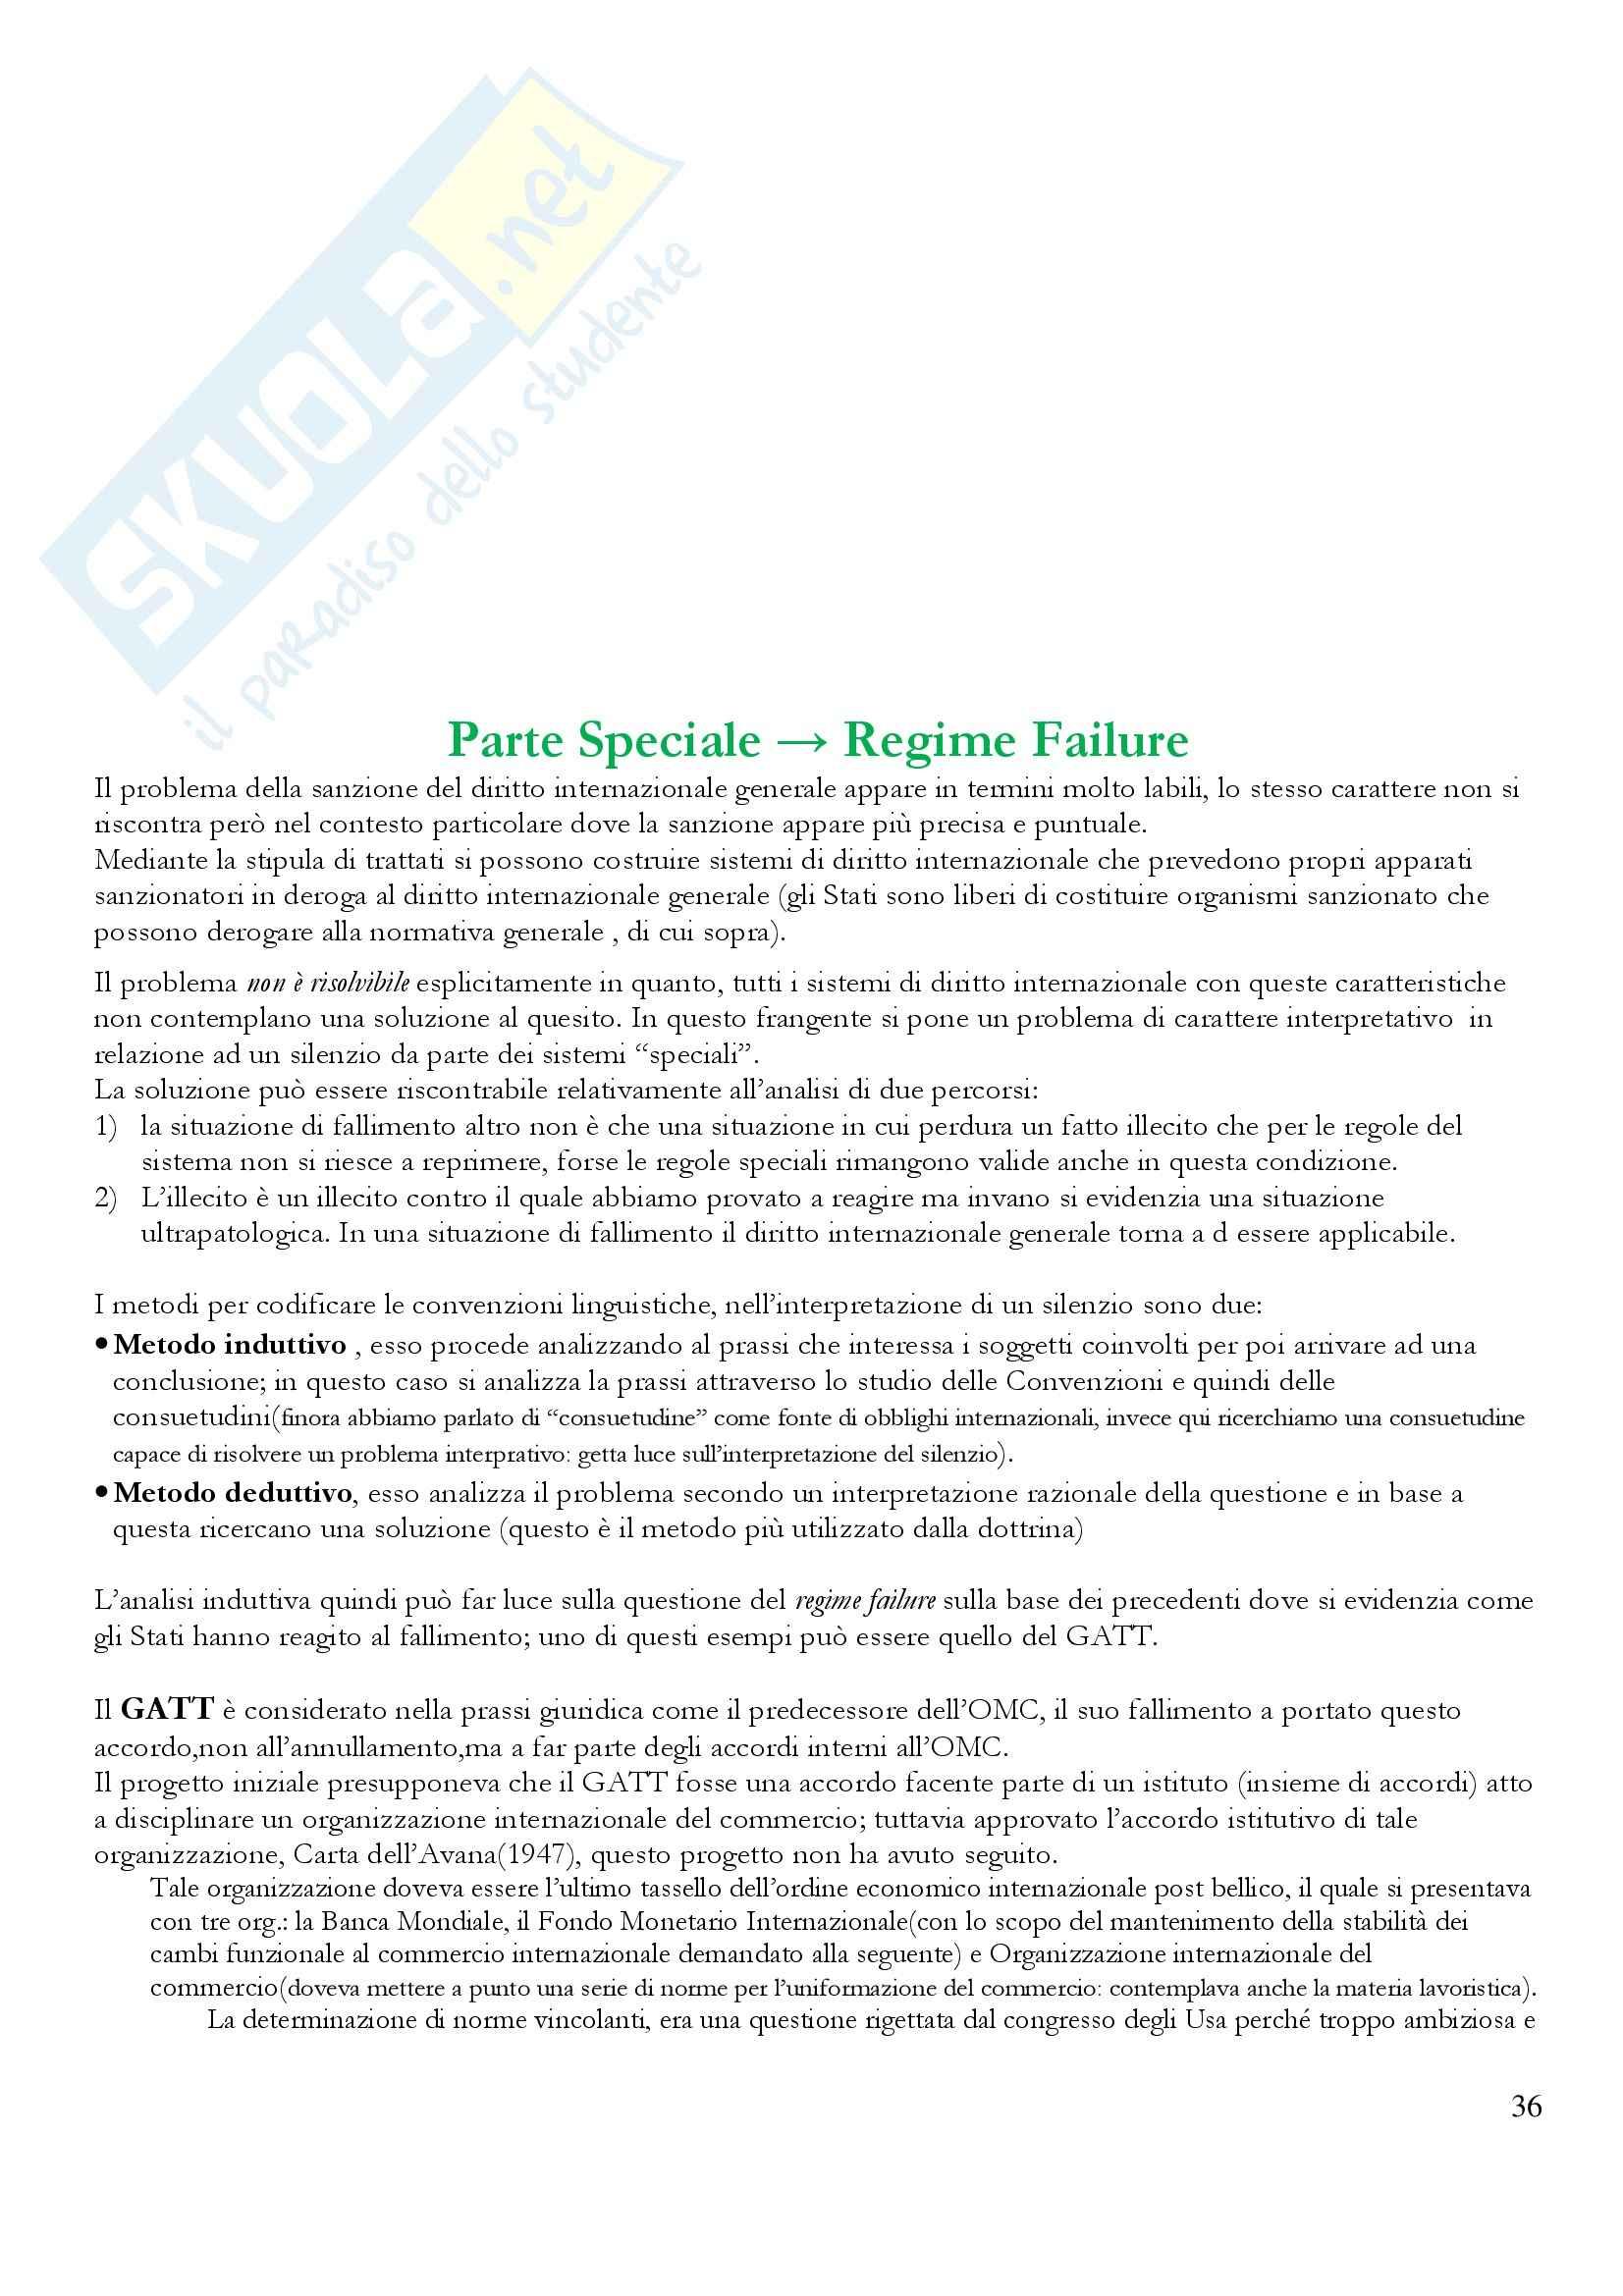 Diritto internazionale - Appunti Pag. 36